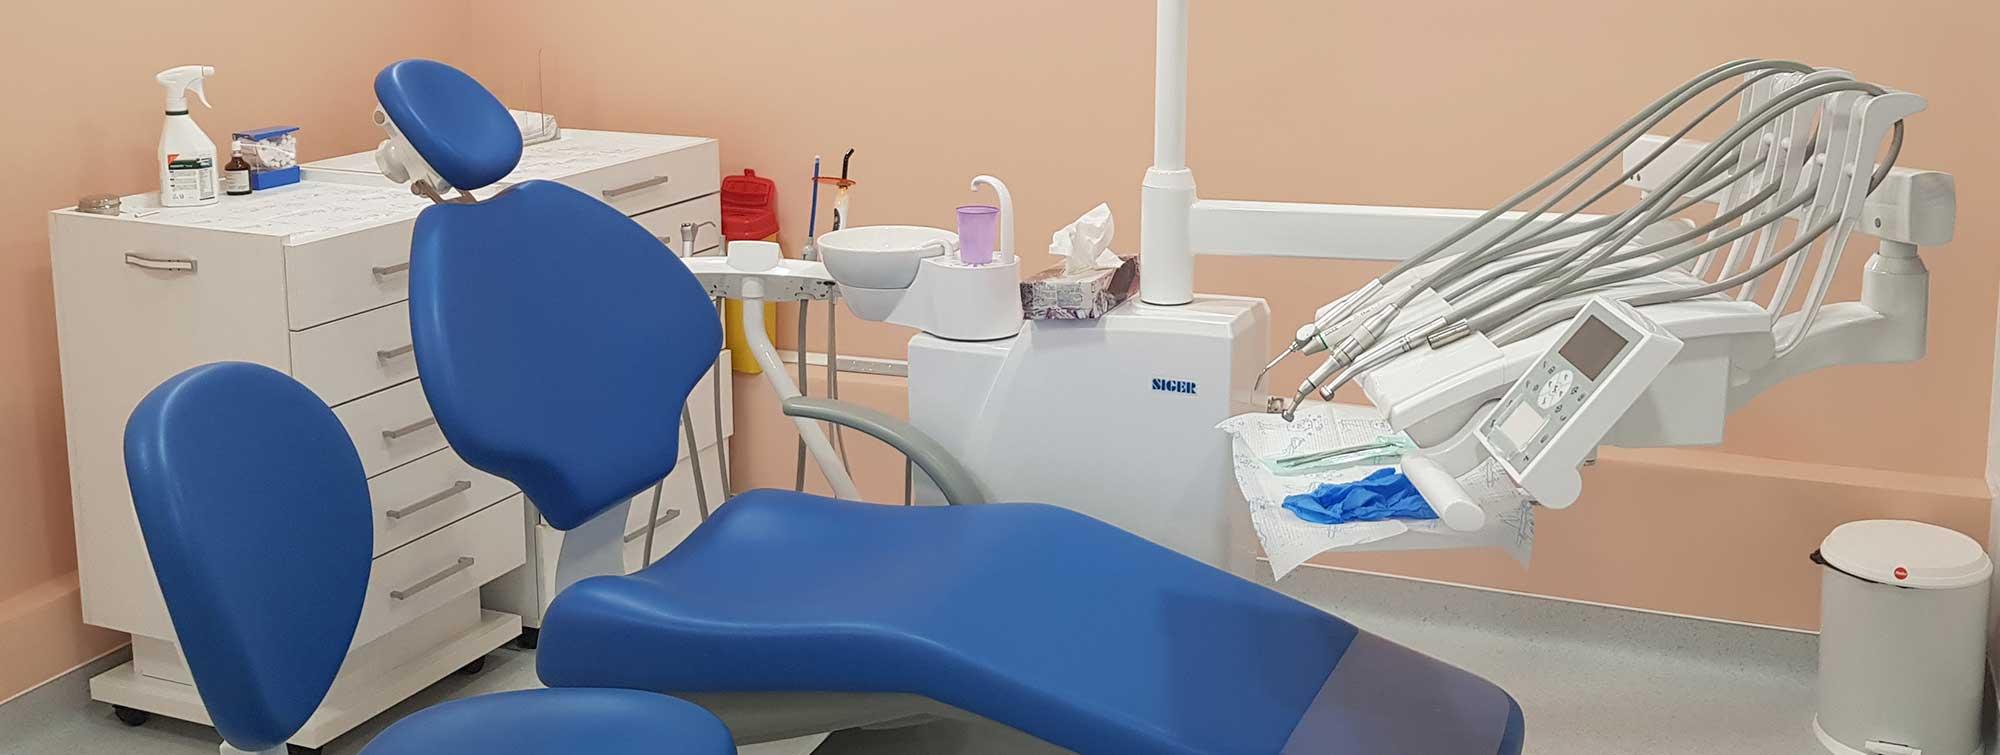 Dental Practice - Cabinet stomatologic